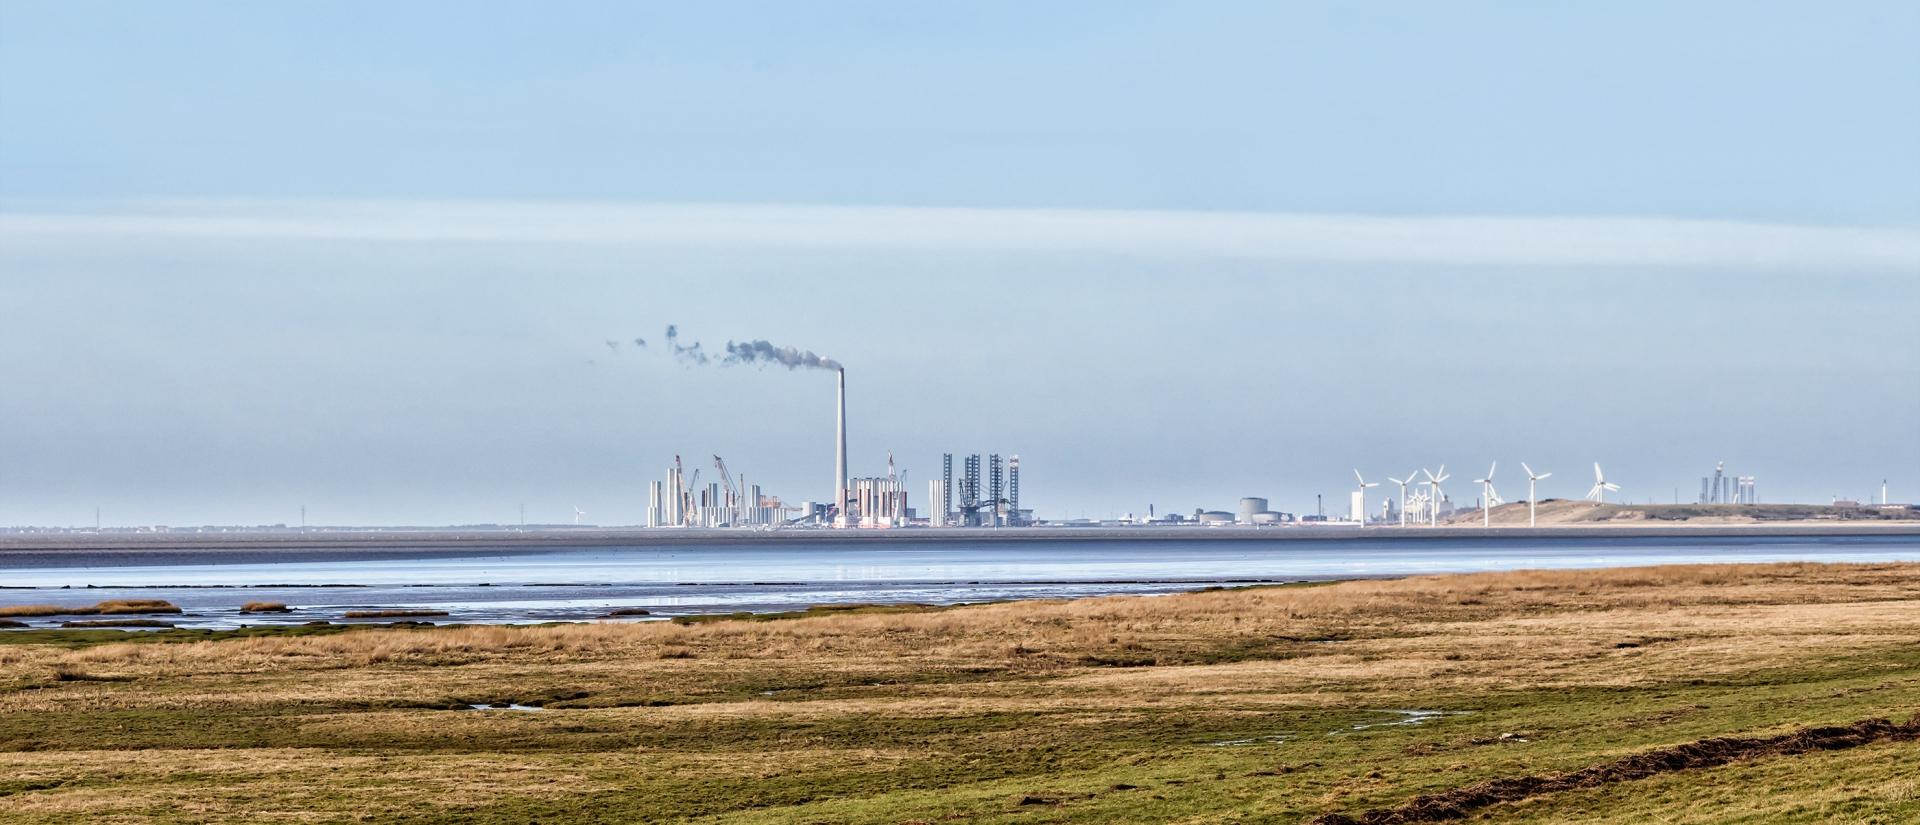 Dánský Esbjerg je pro evropský průmysl větrné energie důležitým místem.